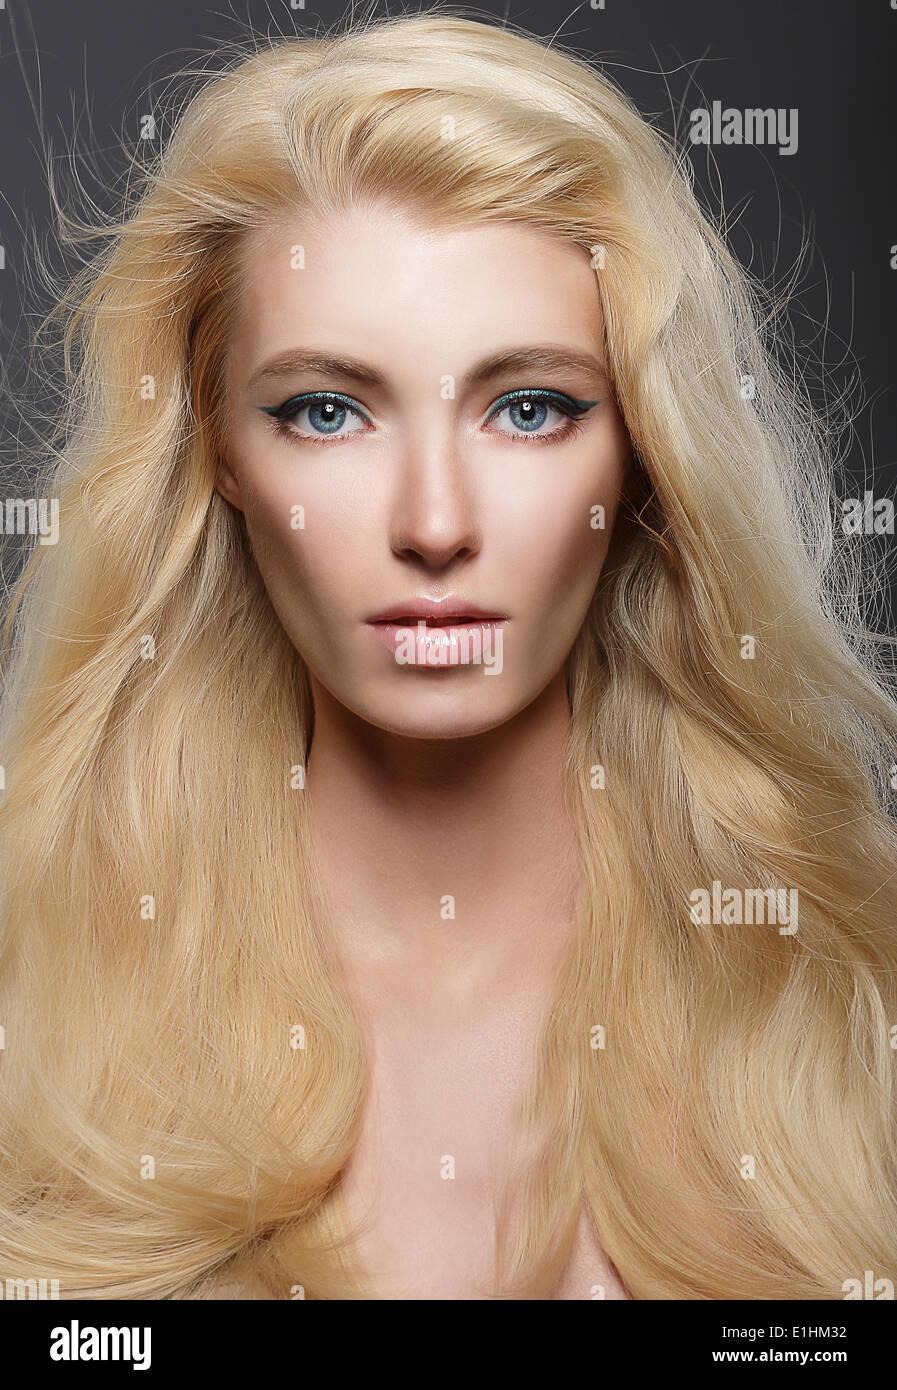 Pure Schönheit. Porträt der jungen Blondine mit gesunden wallendes Haar Stockbild